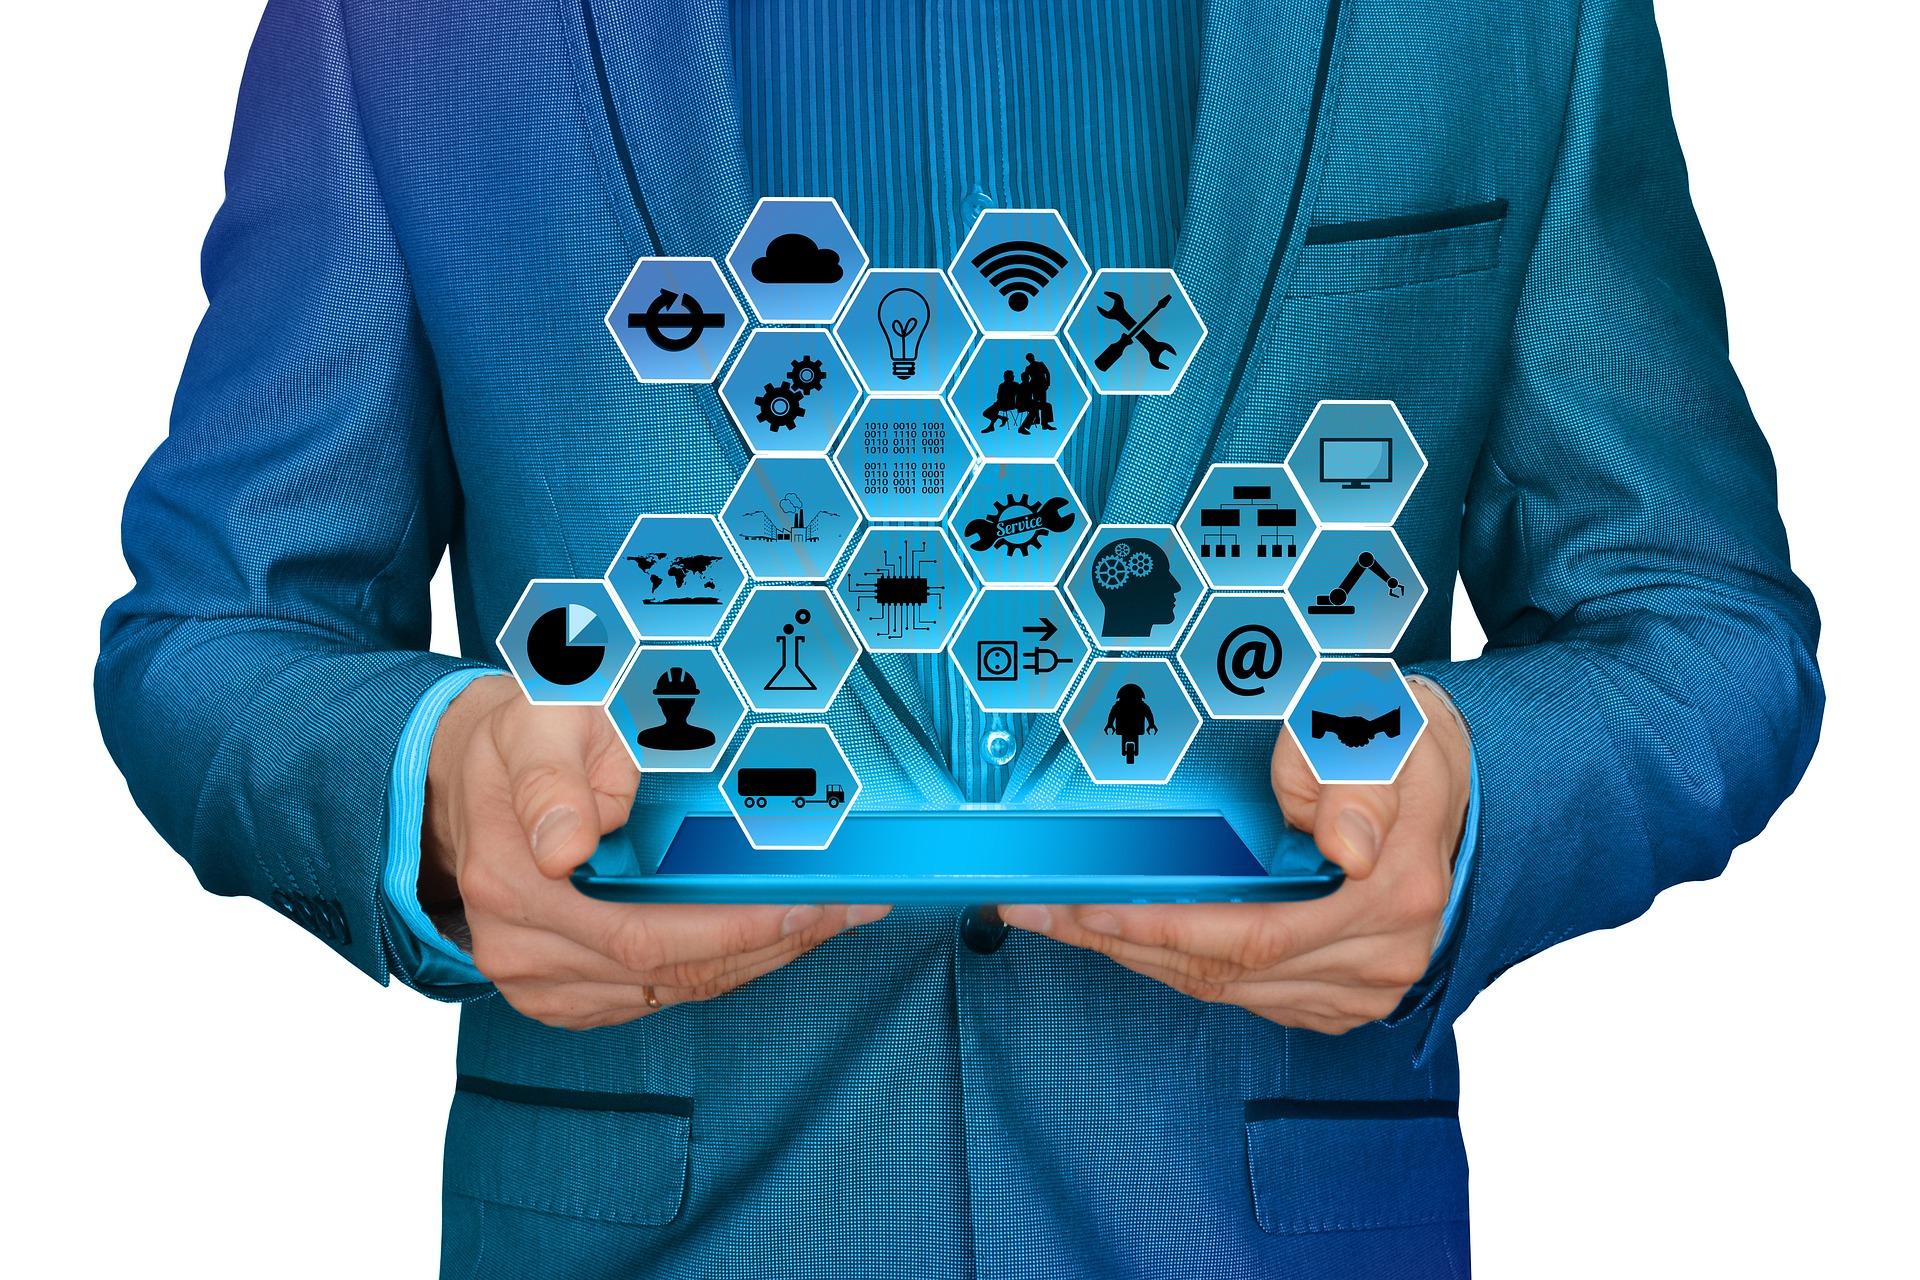 ネットで課題を解決したい第4世代-ウェブマーケティングによるソリューションビズネス